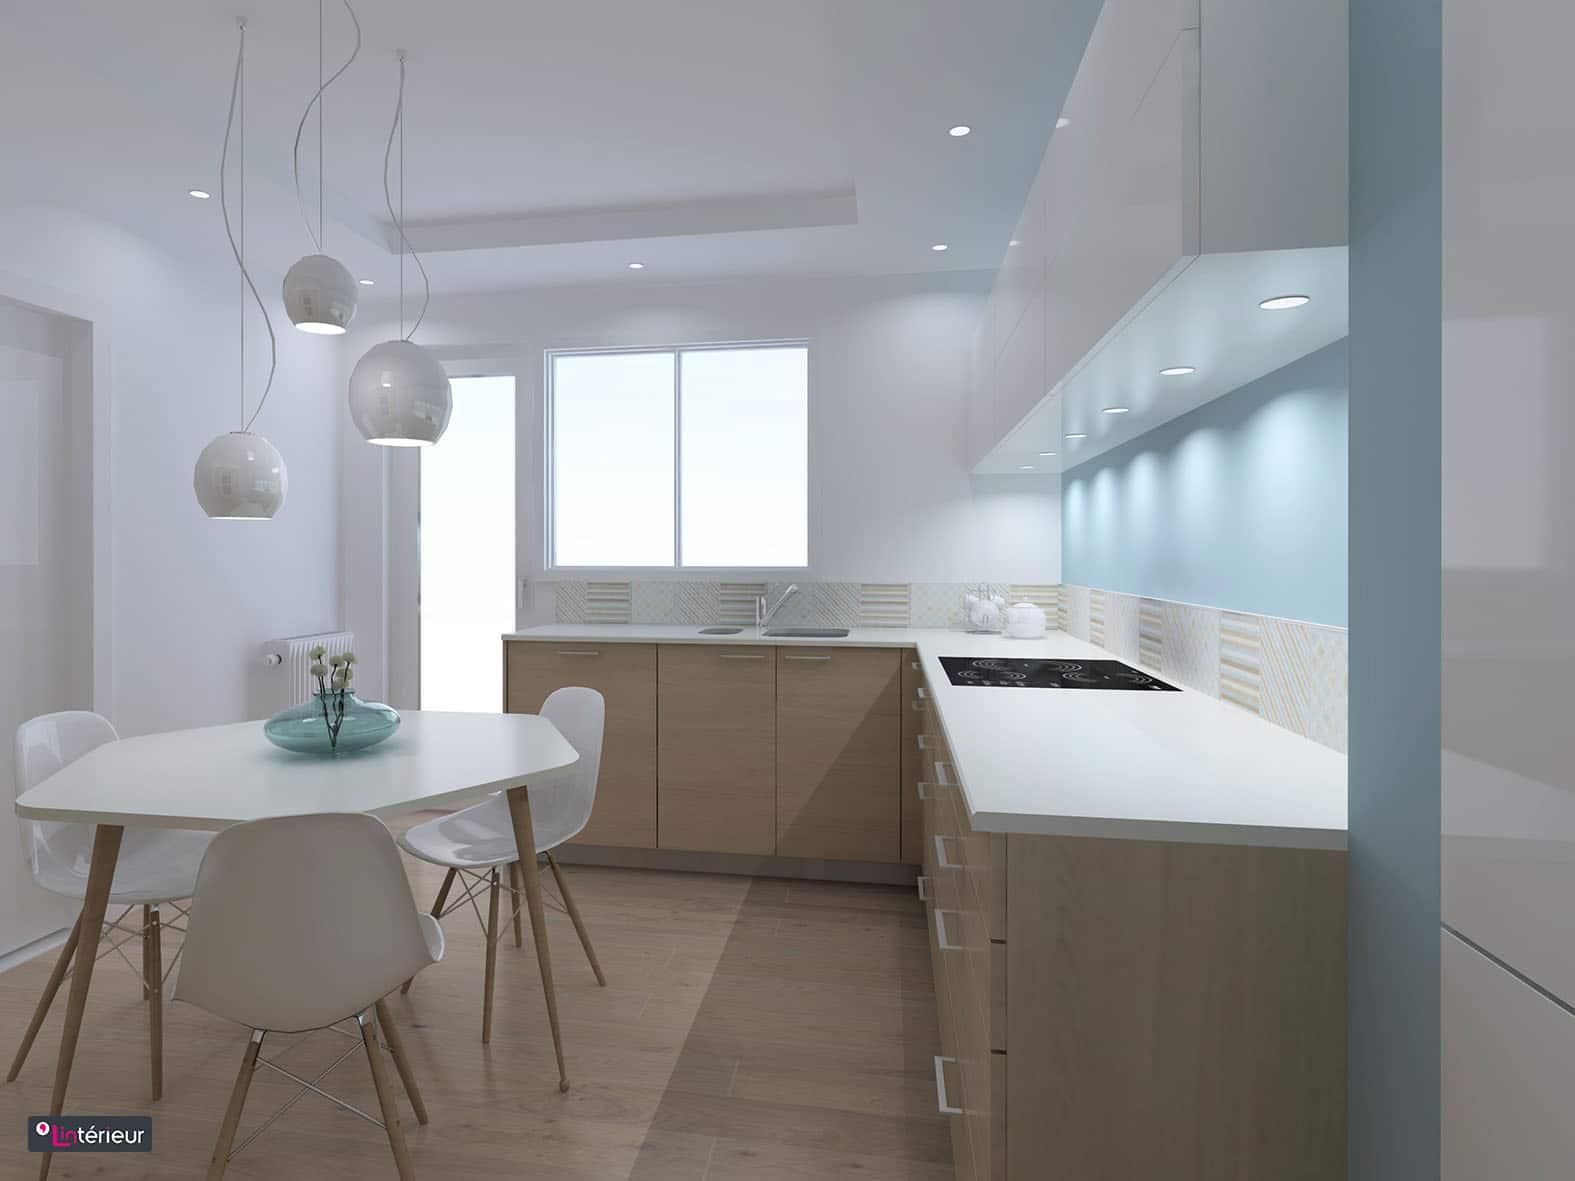 Cuisine esprit scandinave l 39 int rieur architecte d - Cuisine architecte d interieur ...